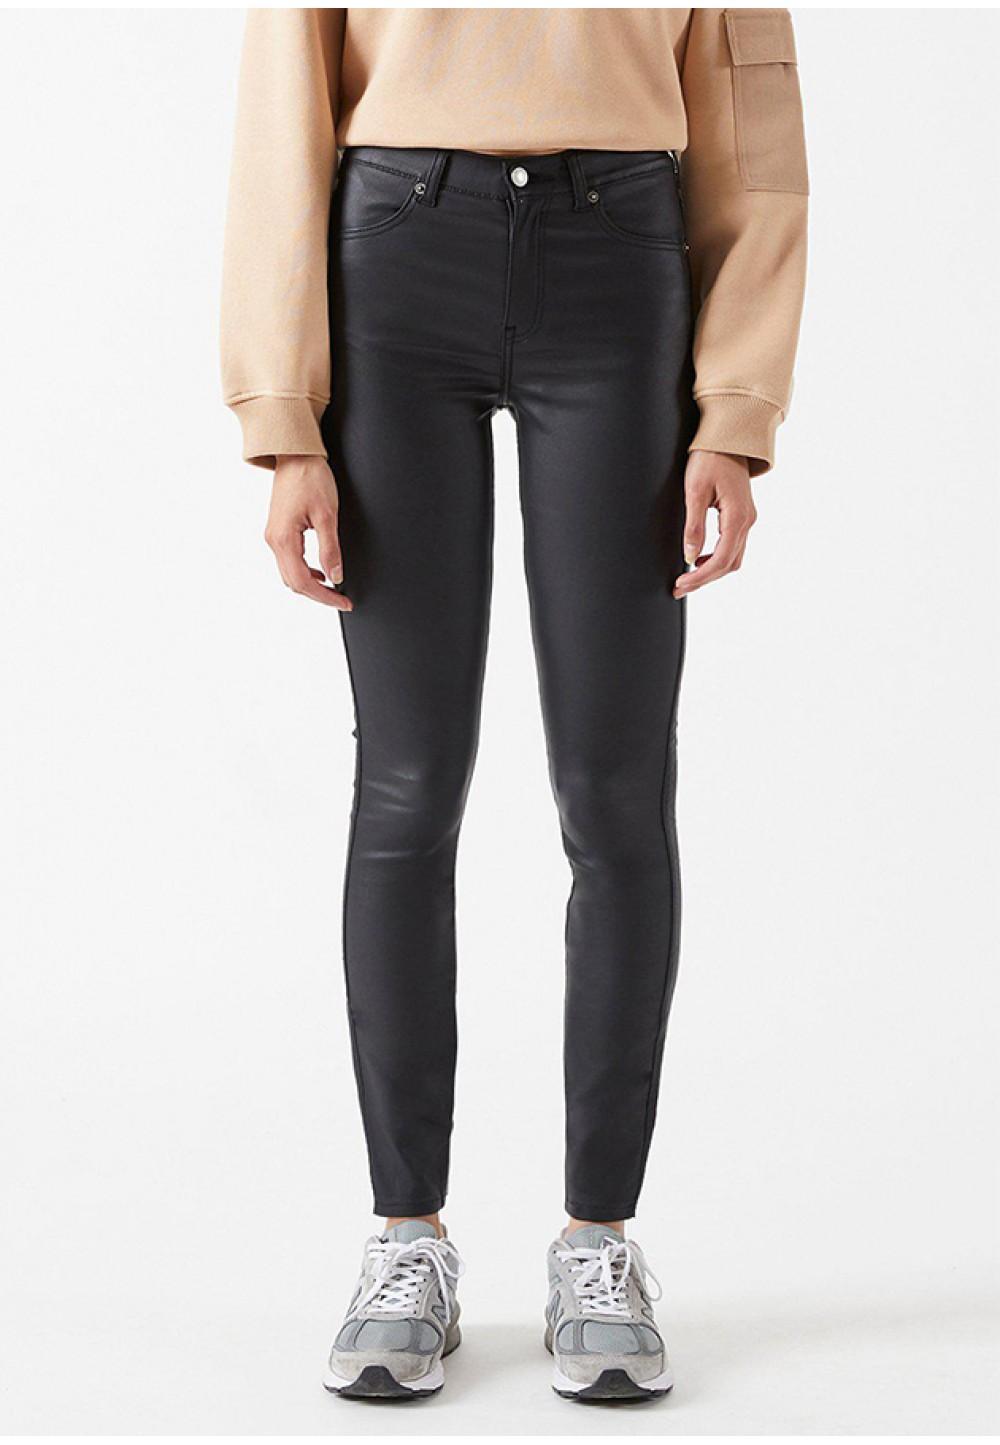 Зауженные брюки из искусственной кожи Lexy